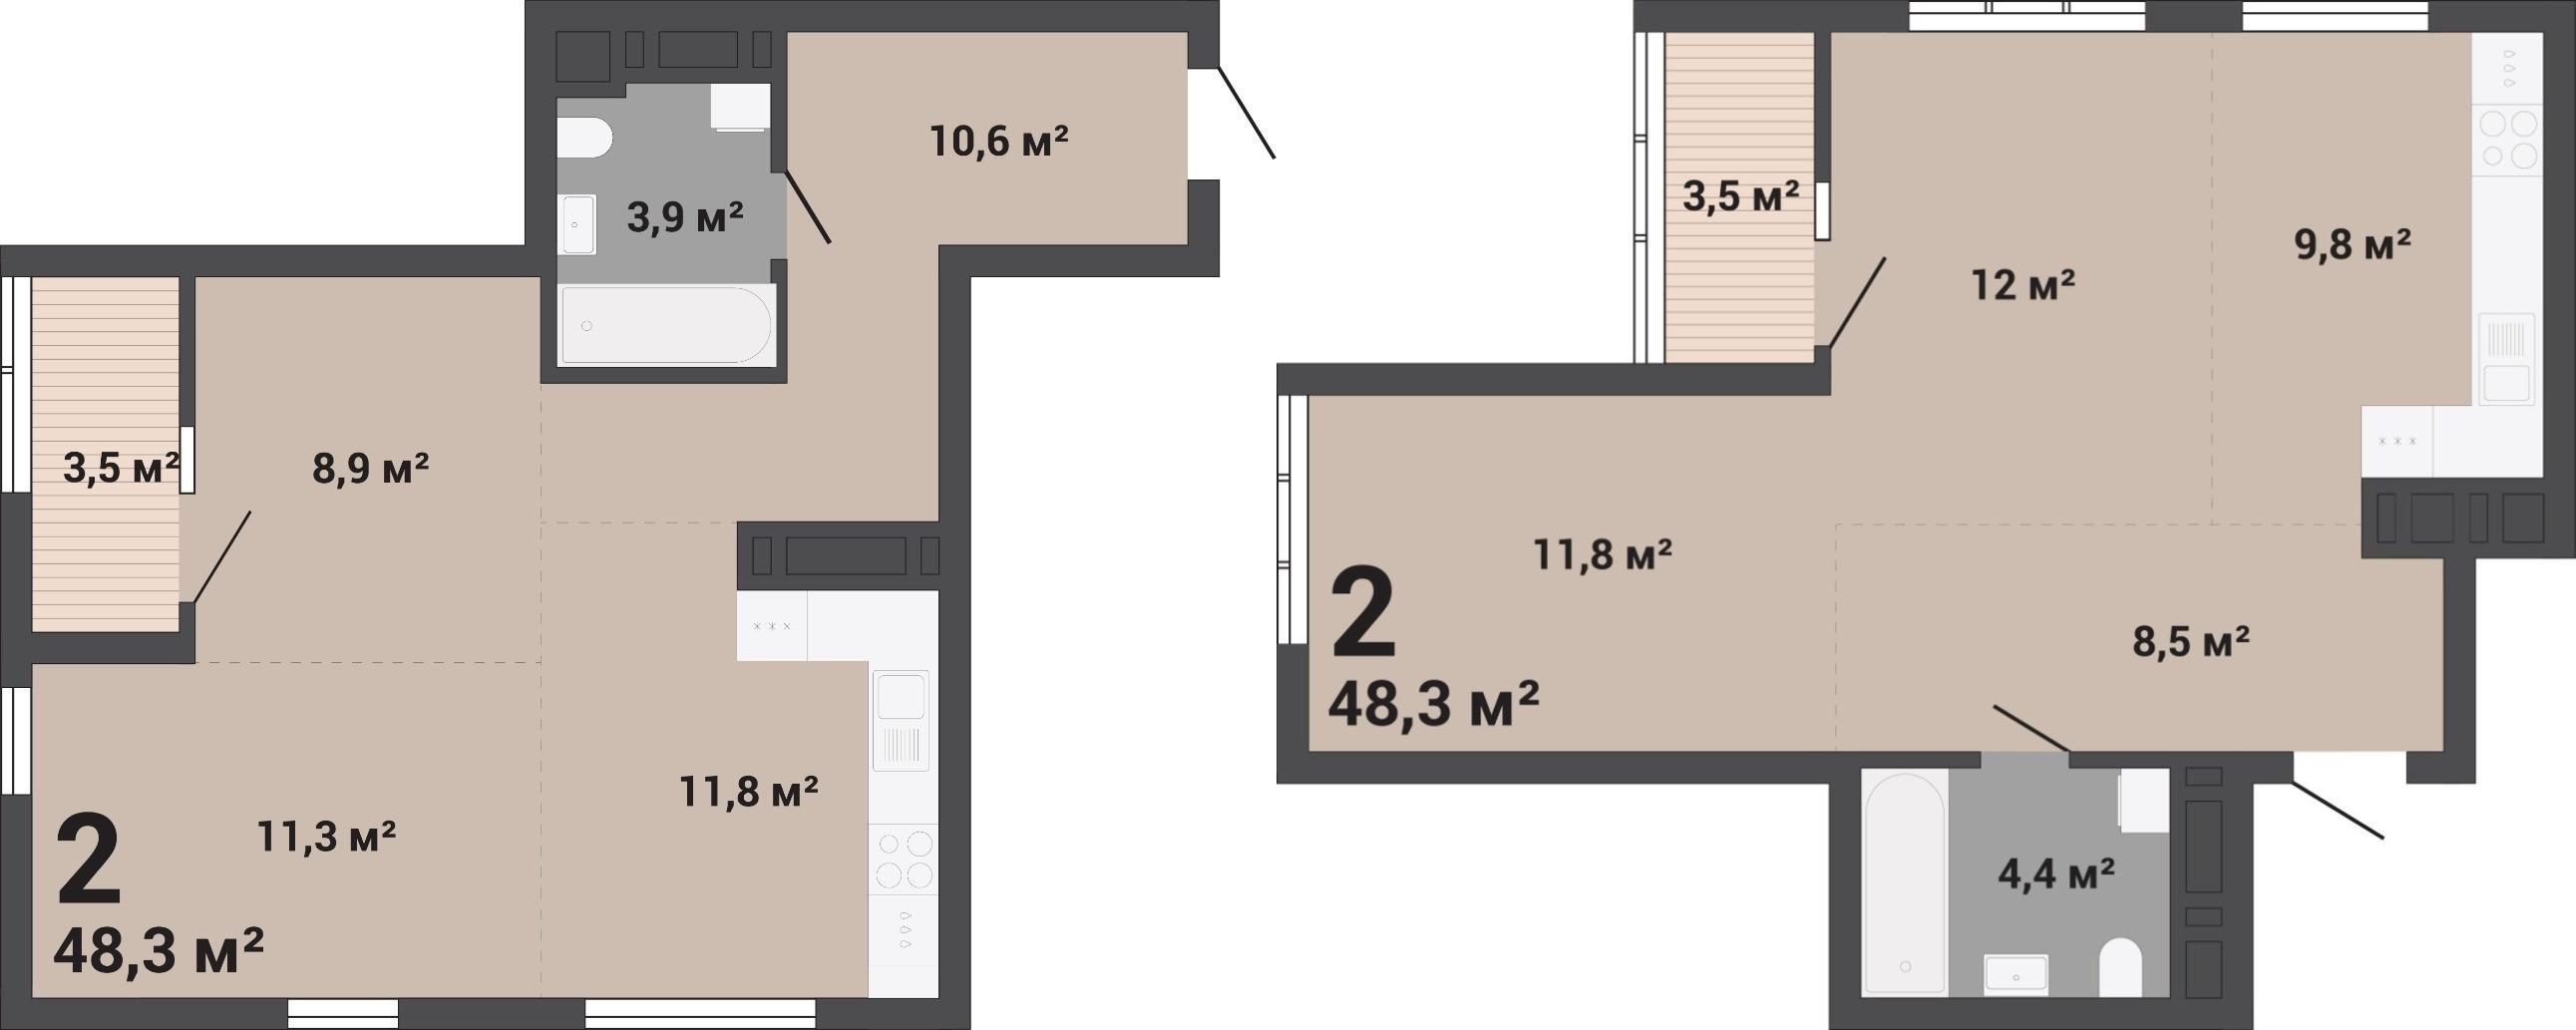 Двухкомнатные квартиры идеально подойдут как для молодых семей, так и для пар с детьми<br>